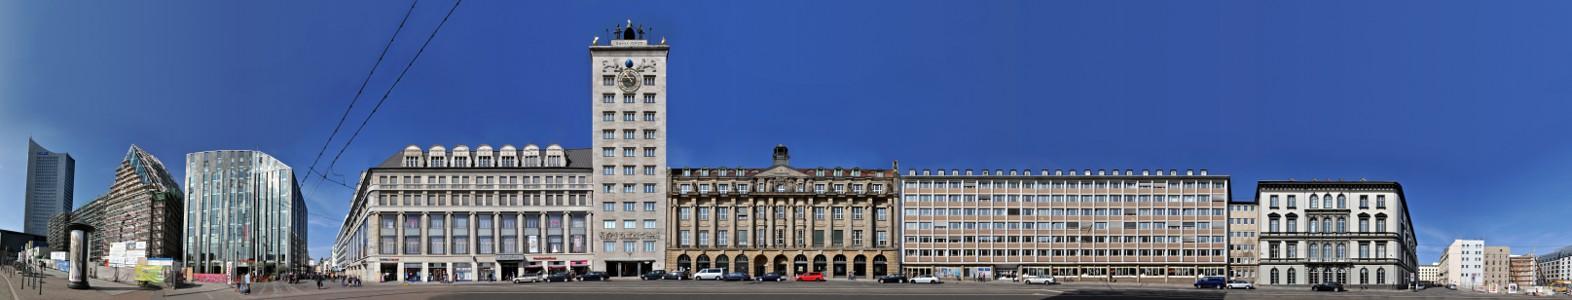 Goethestrasse / Augustusplatz